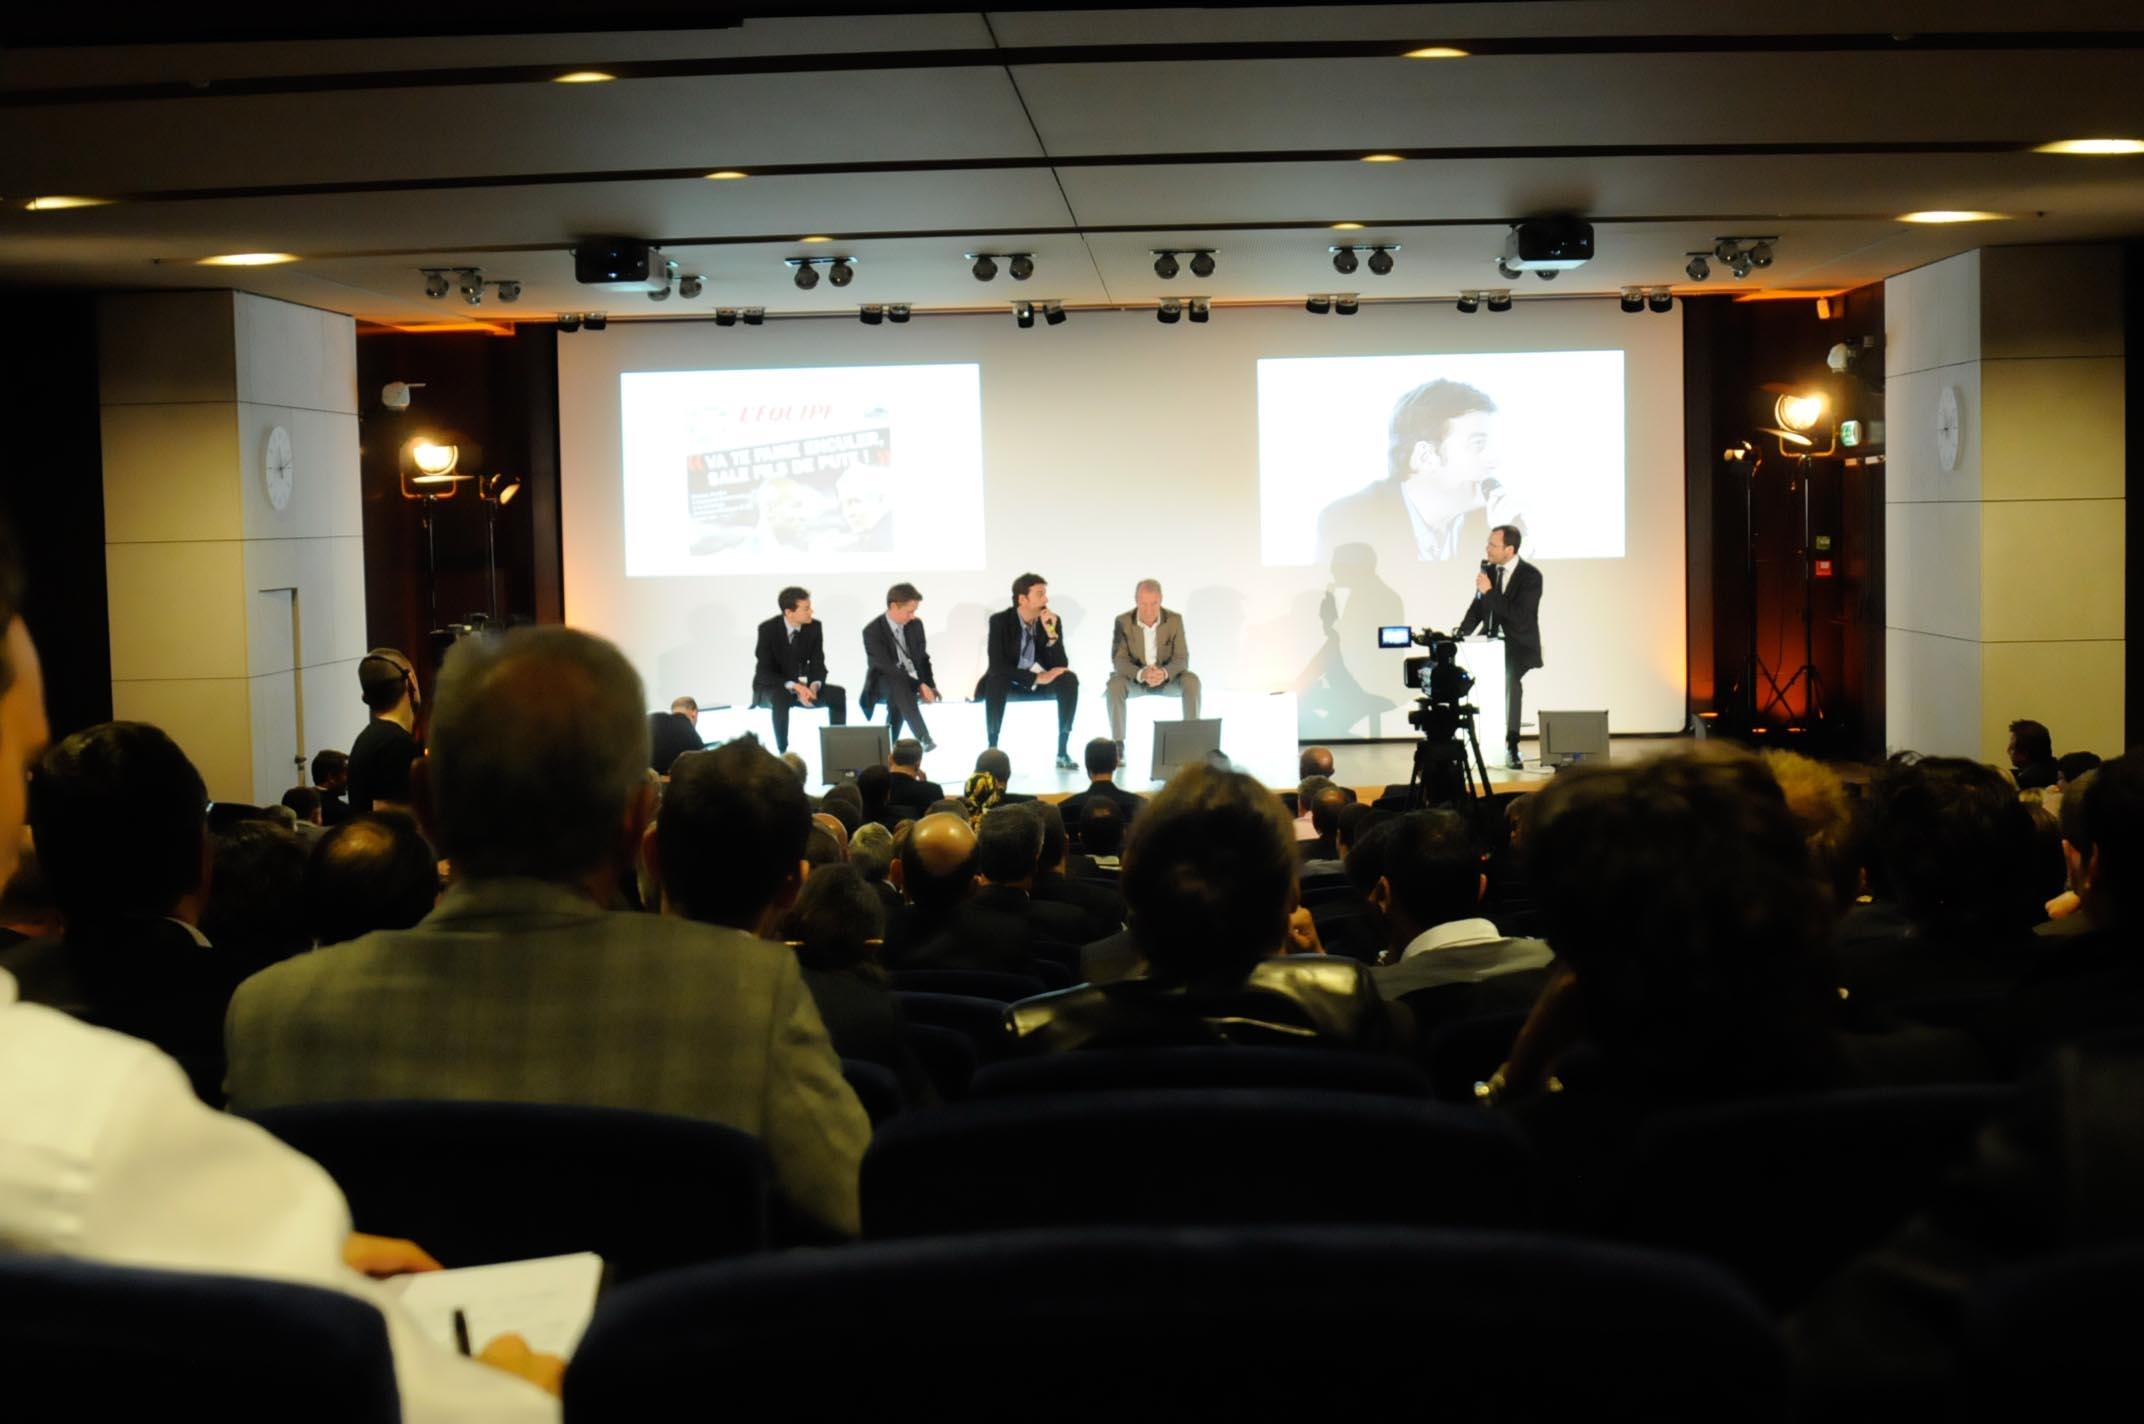 Assises Sporsora : Le sponsoring comme levier d'innovation pour les entreprises